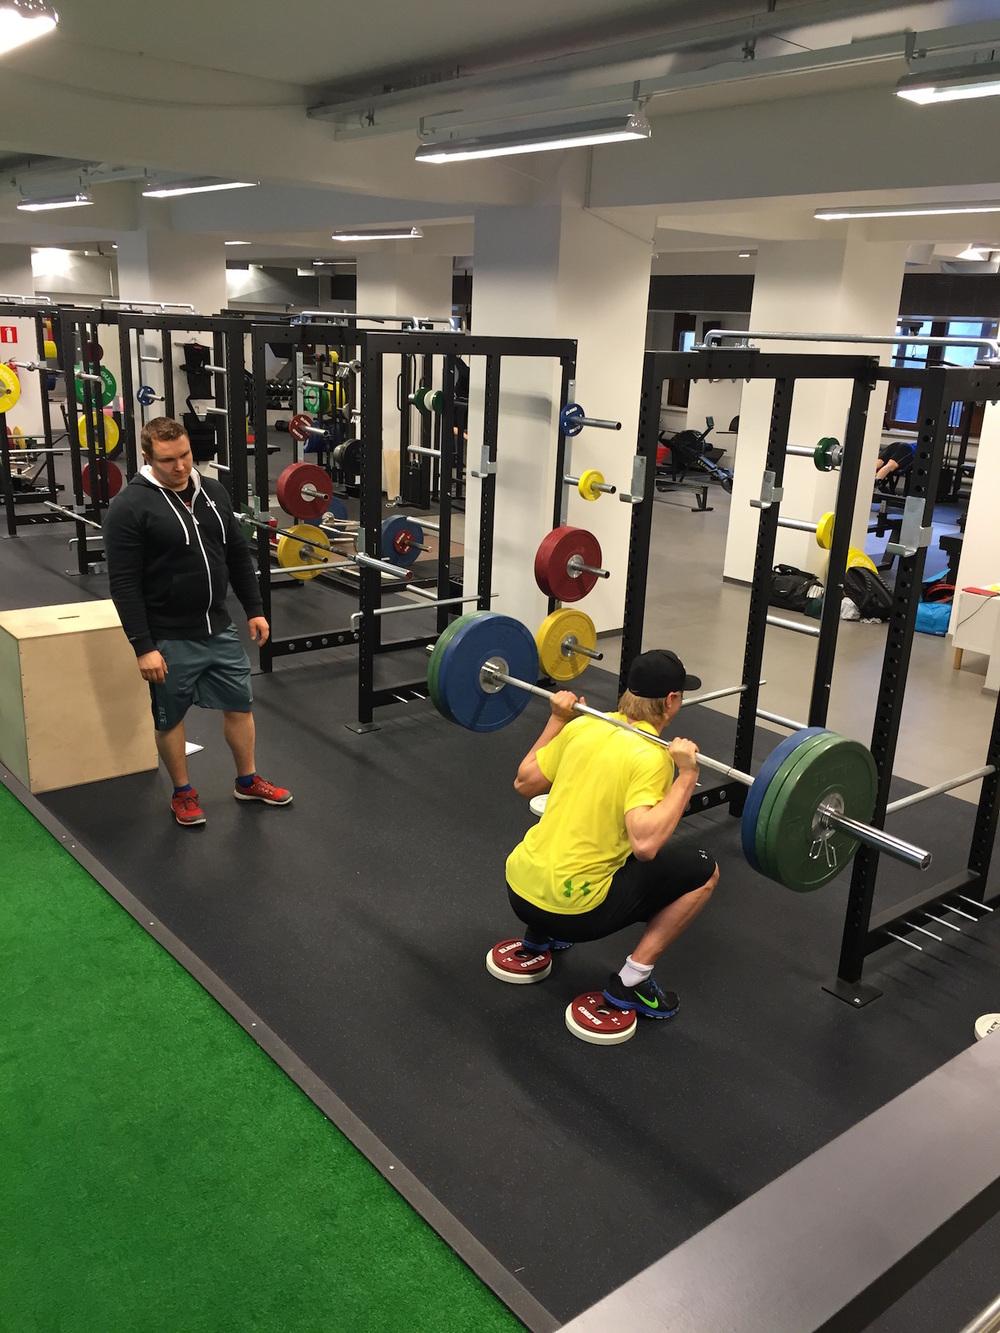 Heikin valmennuksessa ammattijääkiekkoilija Alexander Ruuttu saavutti kesän aikana elämänsä kunnon ja suuntasi tulevalle kaudelle ulkomaille pelaamaan.